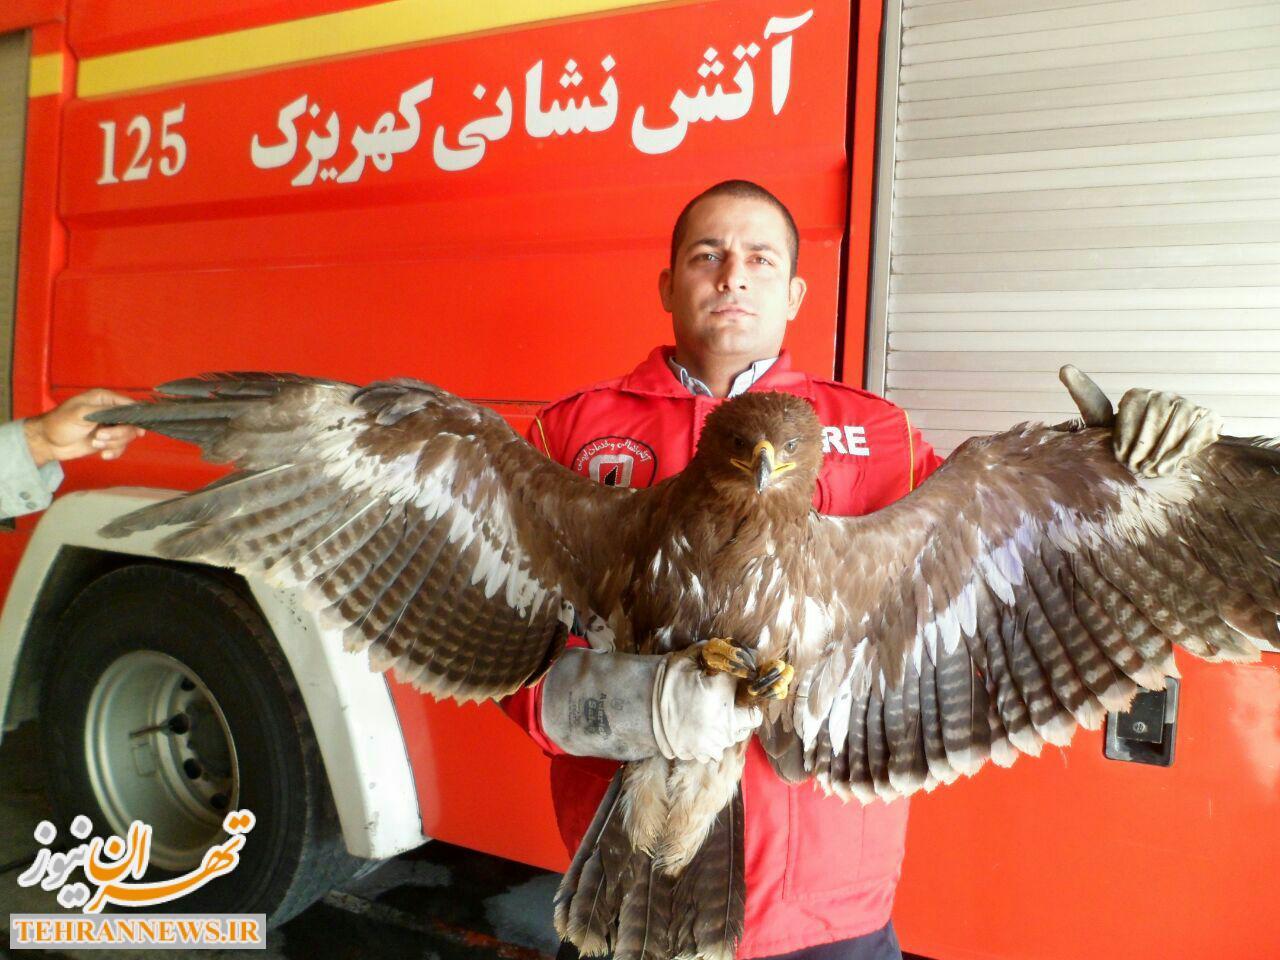 نجات یک بهله عقاب از میان پالتهای چوبی در جنوب تهران